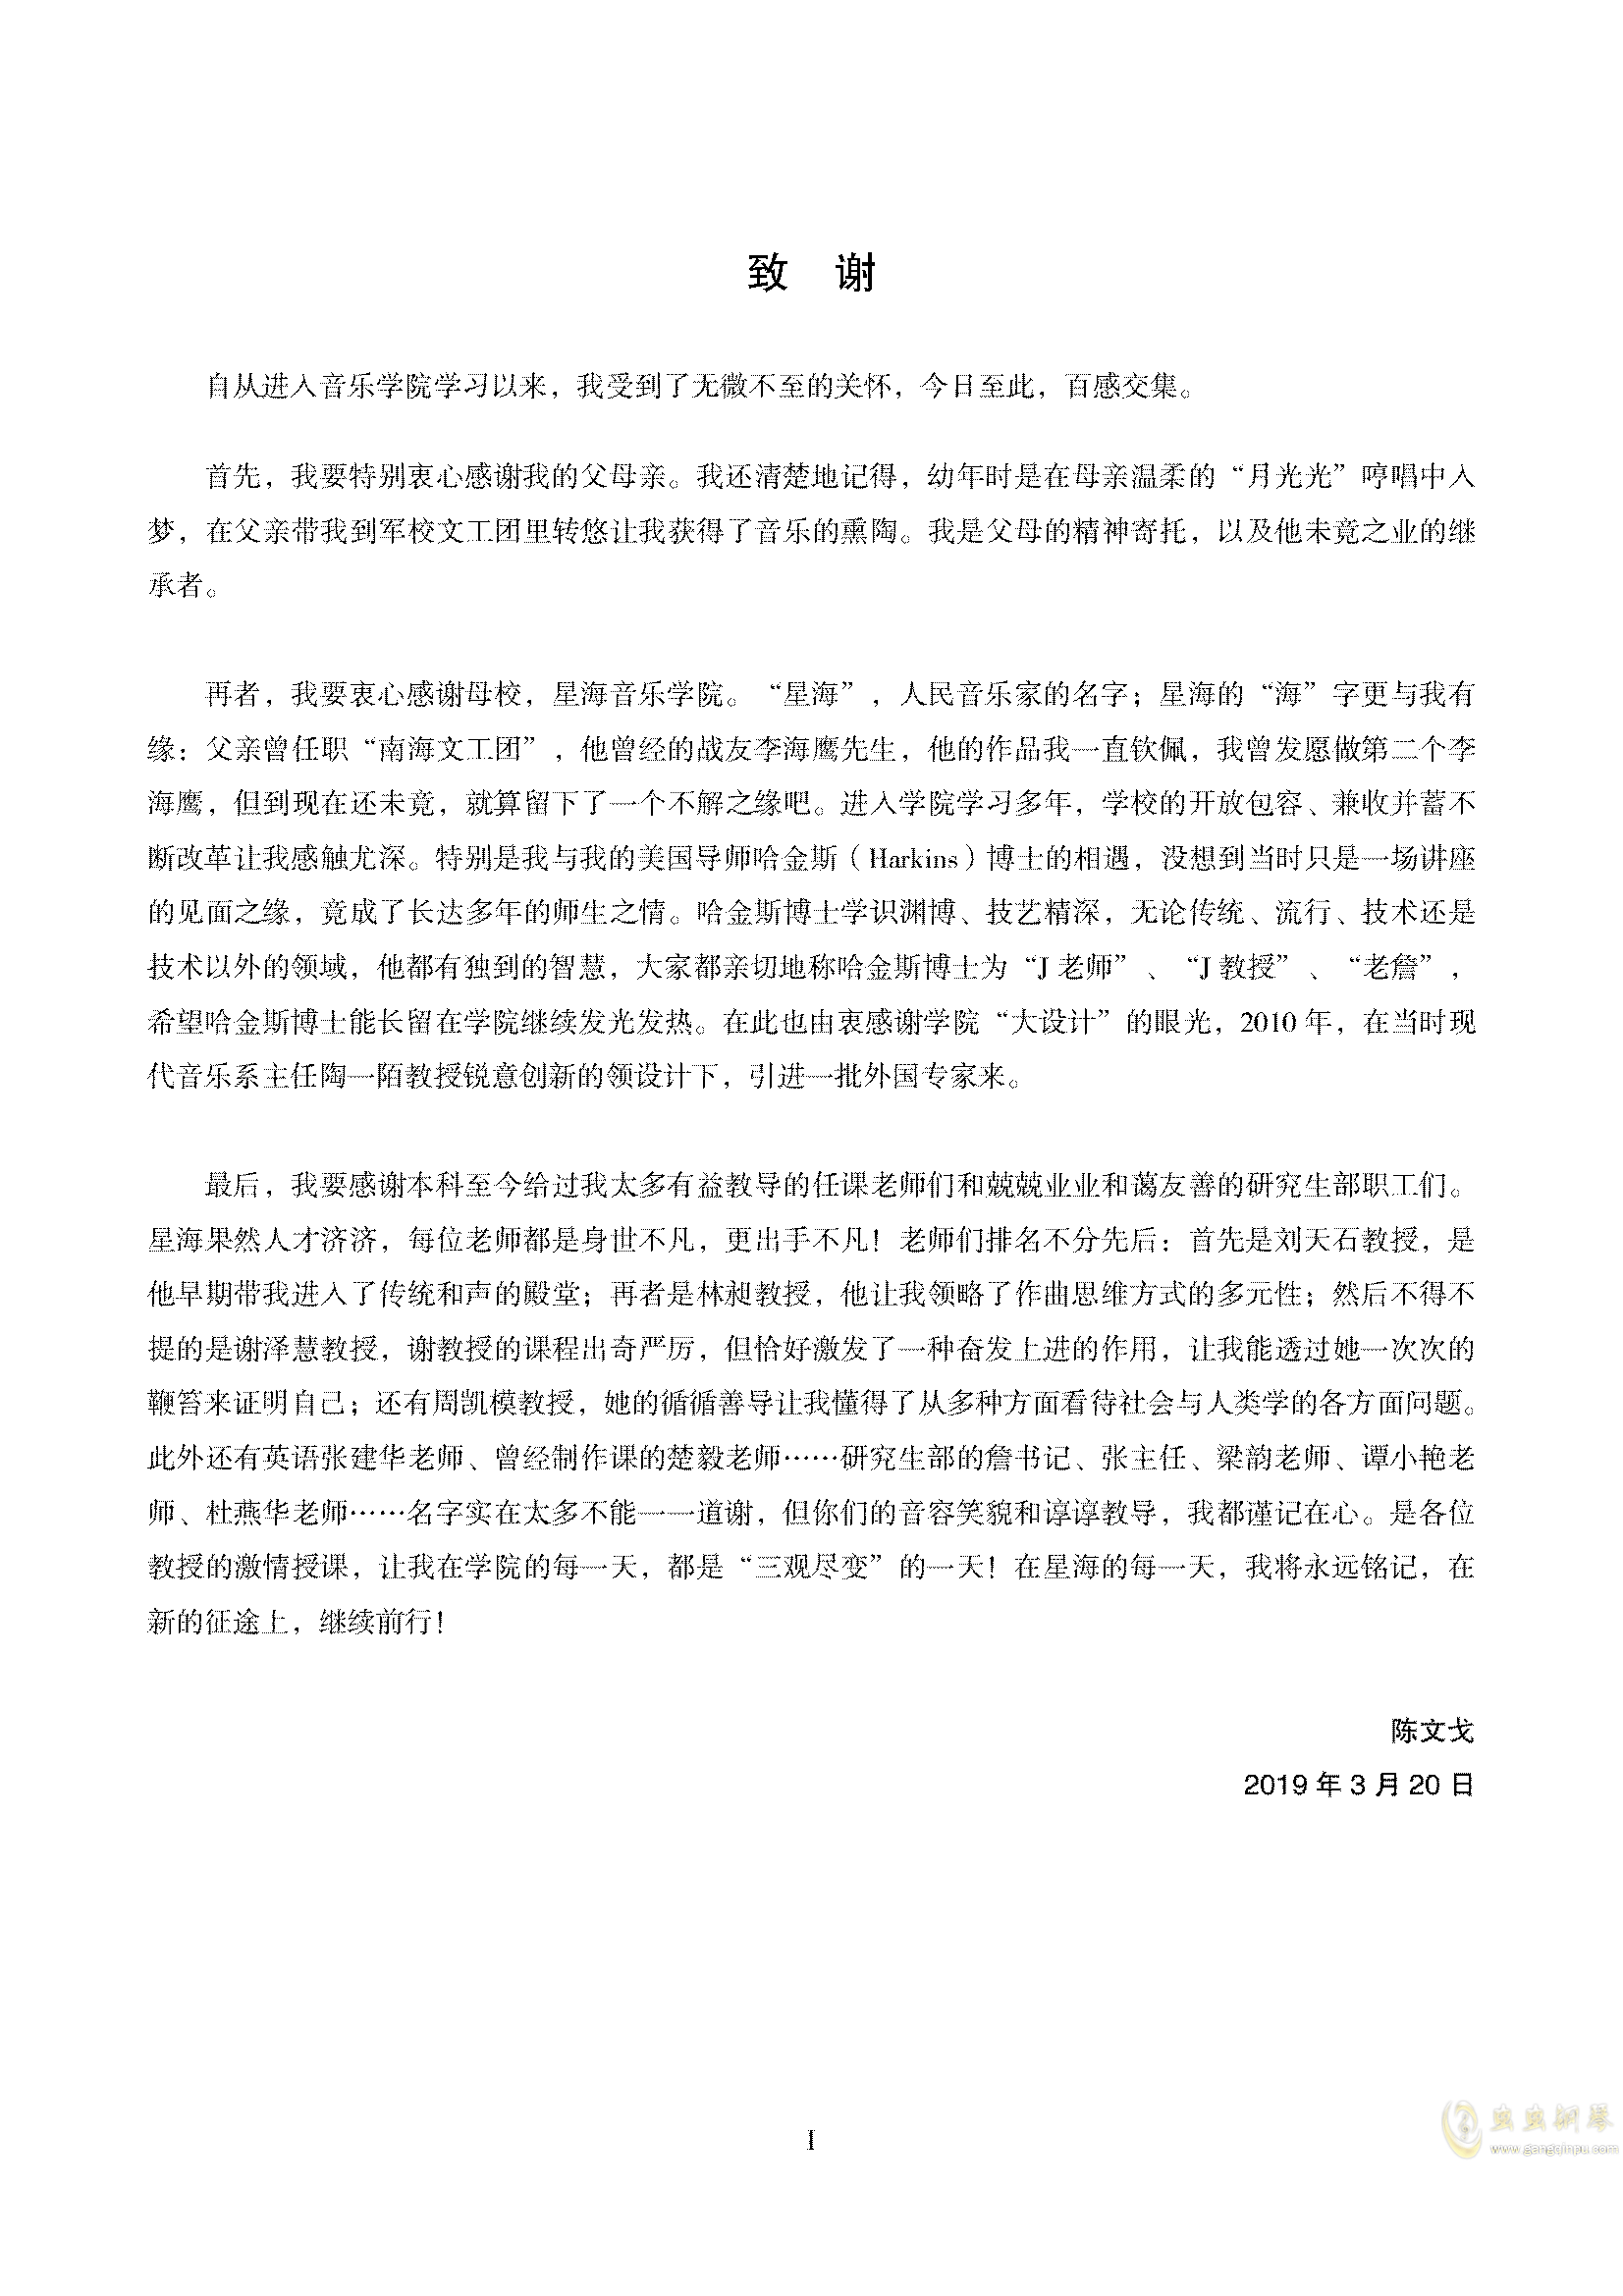 真·硕士论文ag88环亚娱乐谱 第1页